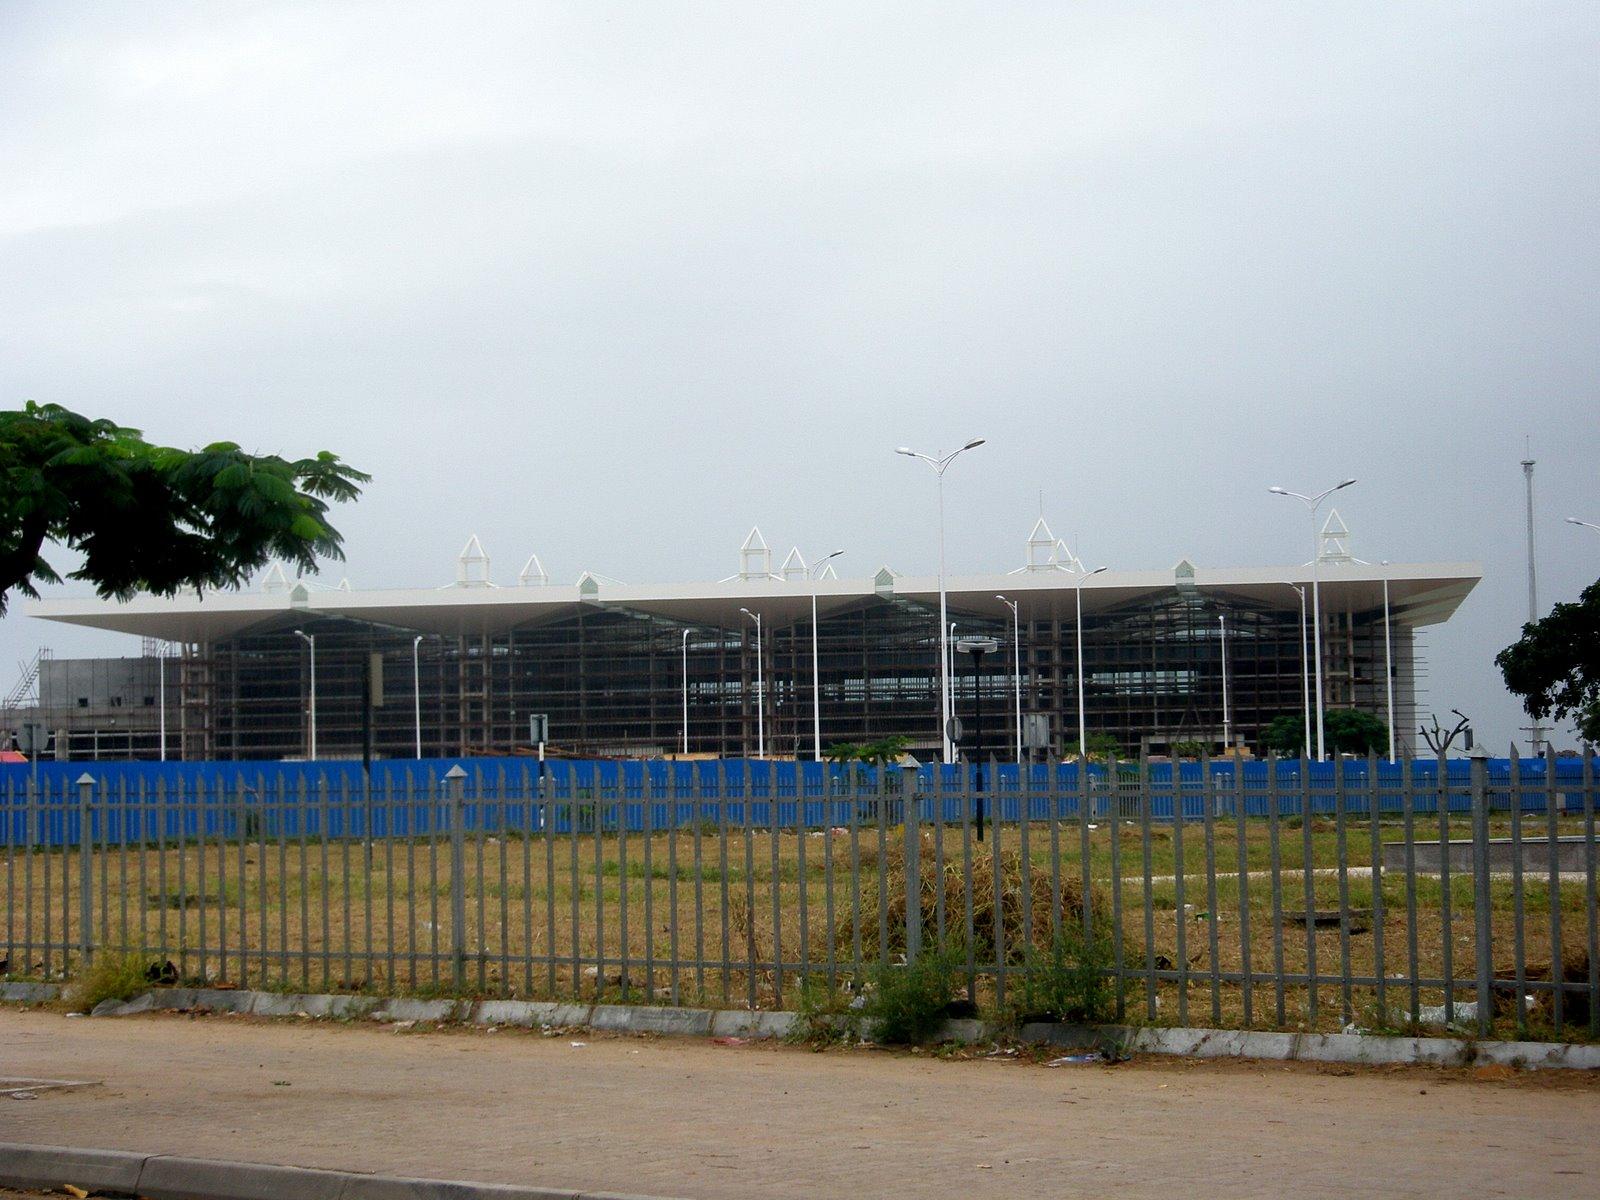 Aeroporto De Quelimane : Digital no Índico maputo em fase adiantada construção